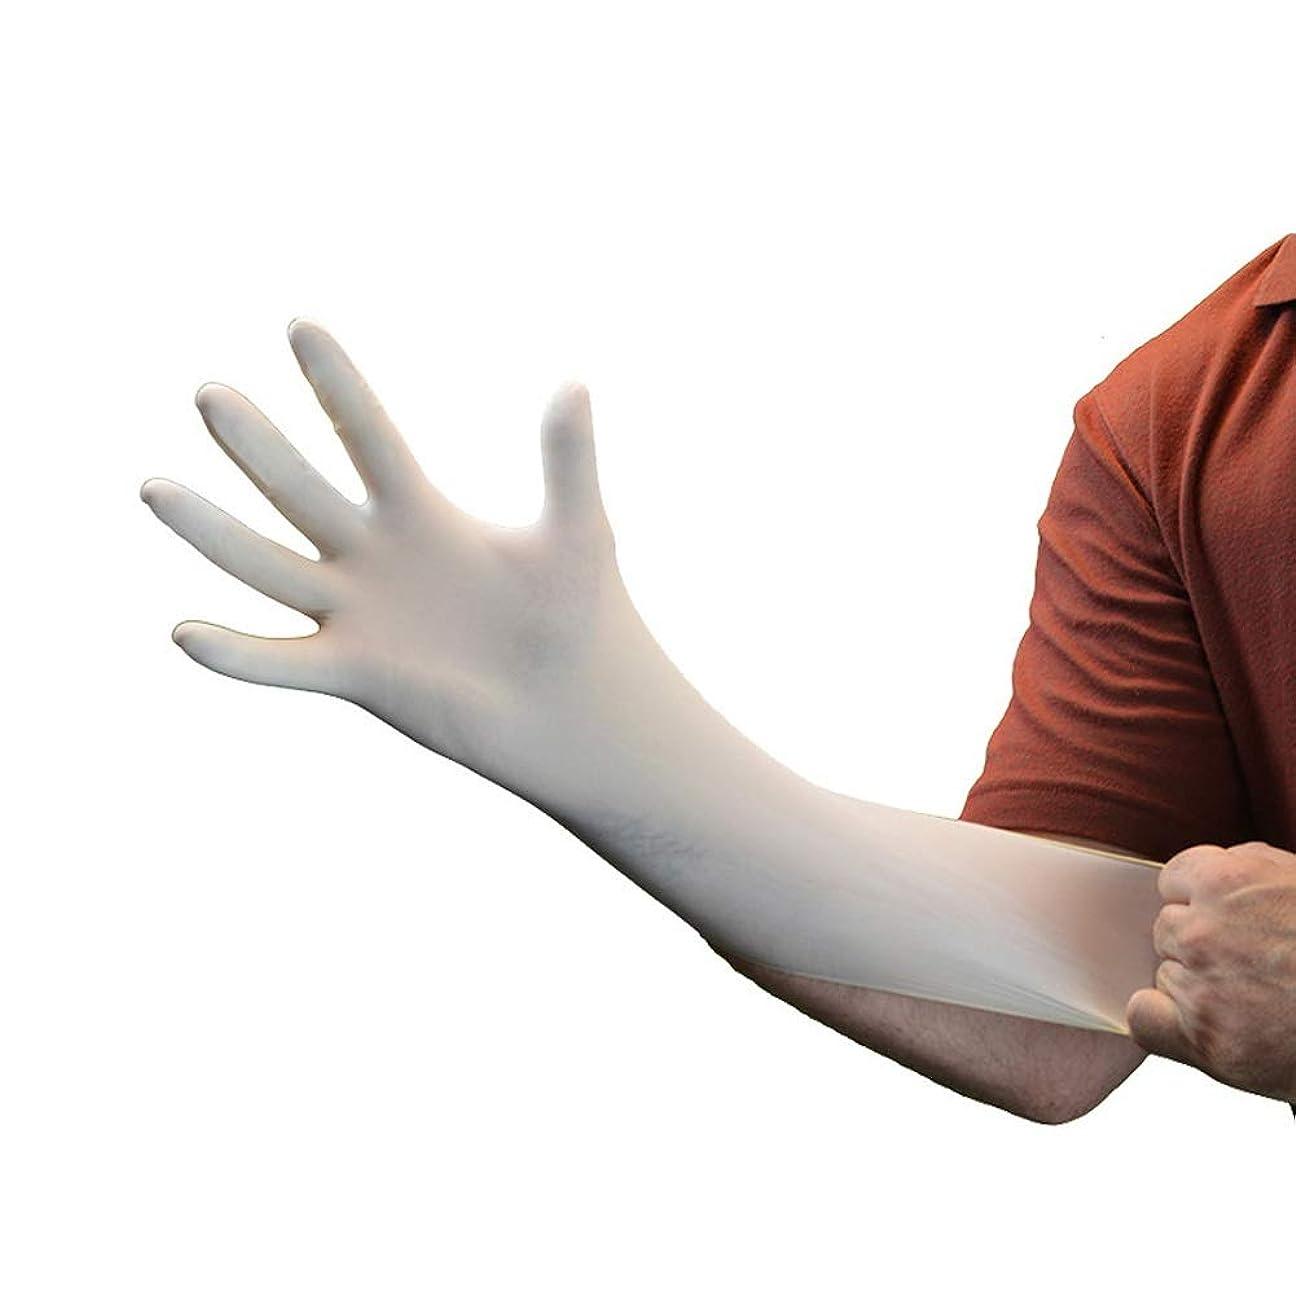 ヒギンズ抗生物質無許可使い捨てラテックス手袋 - パウダーフリーの歯科技工所労働保護製品をマッサージ YANW (Color : White, Size : XS)